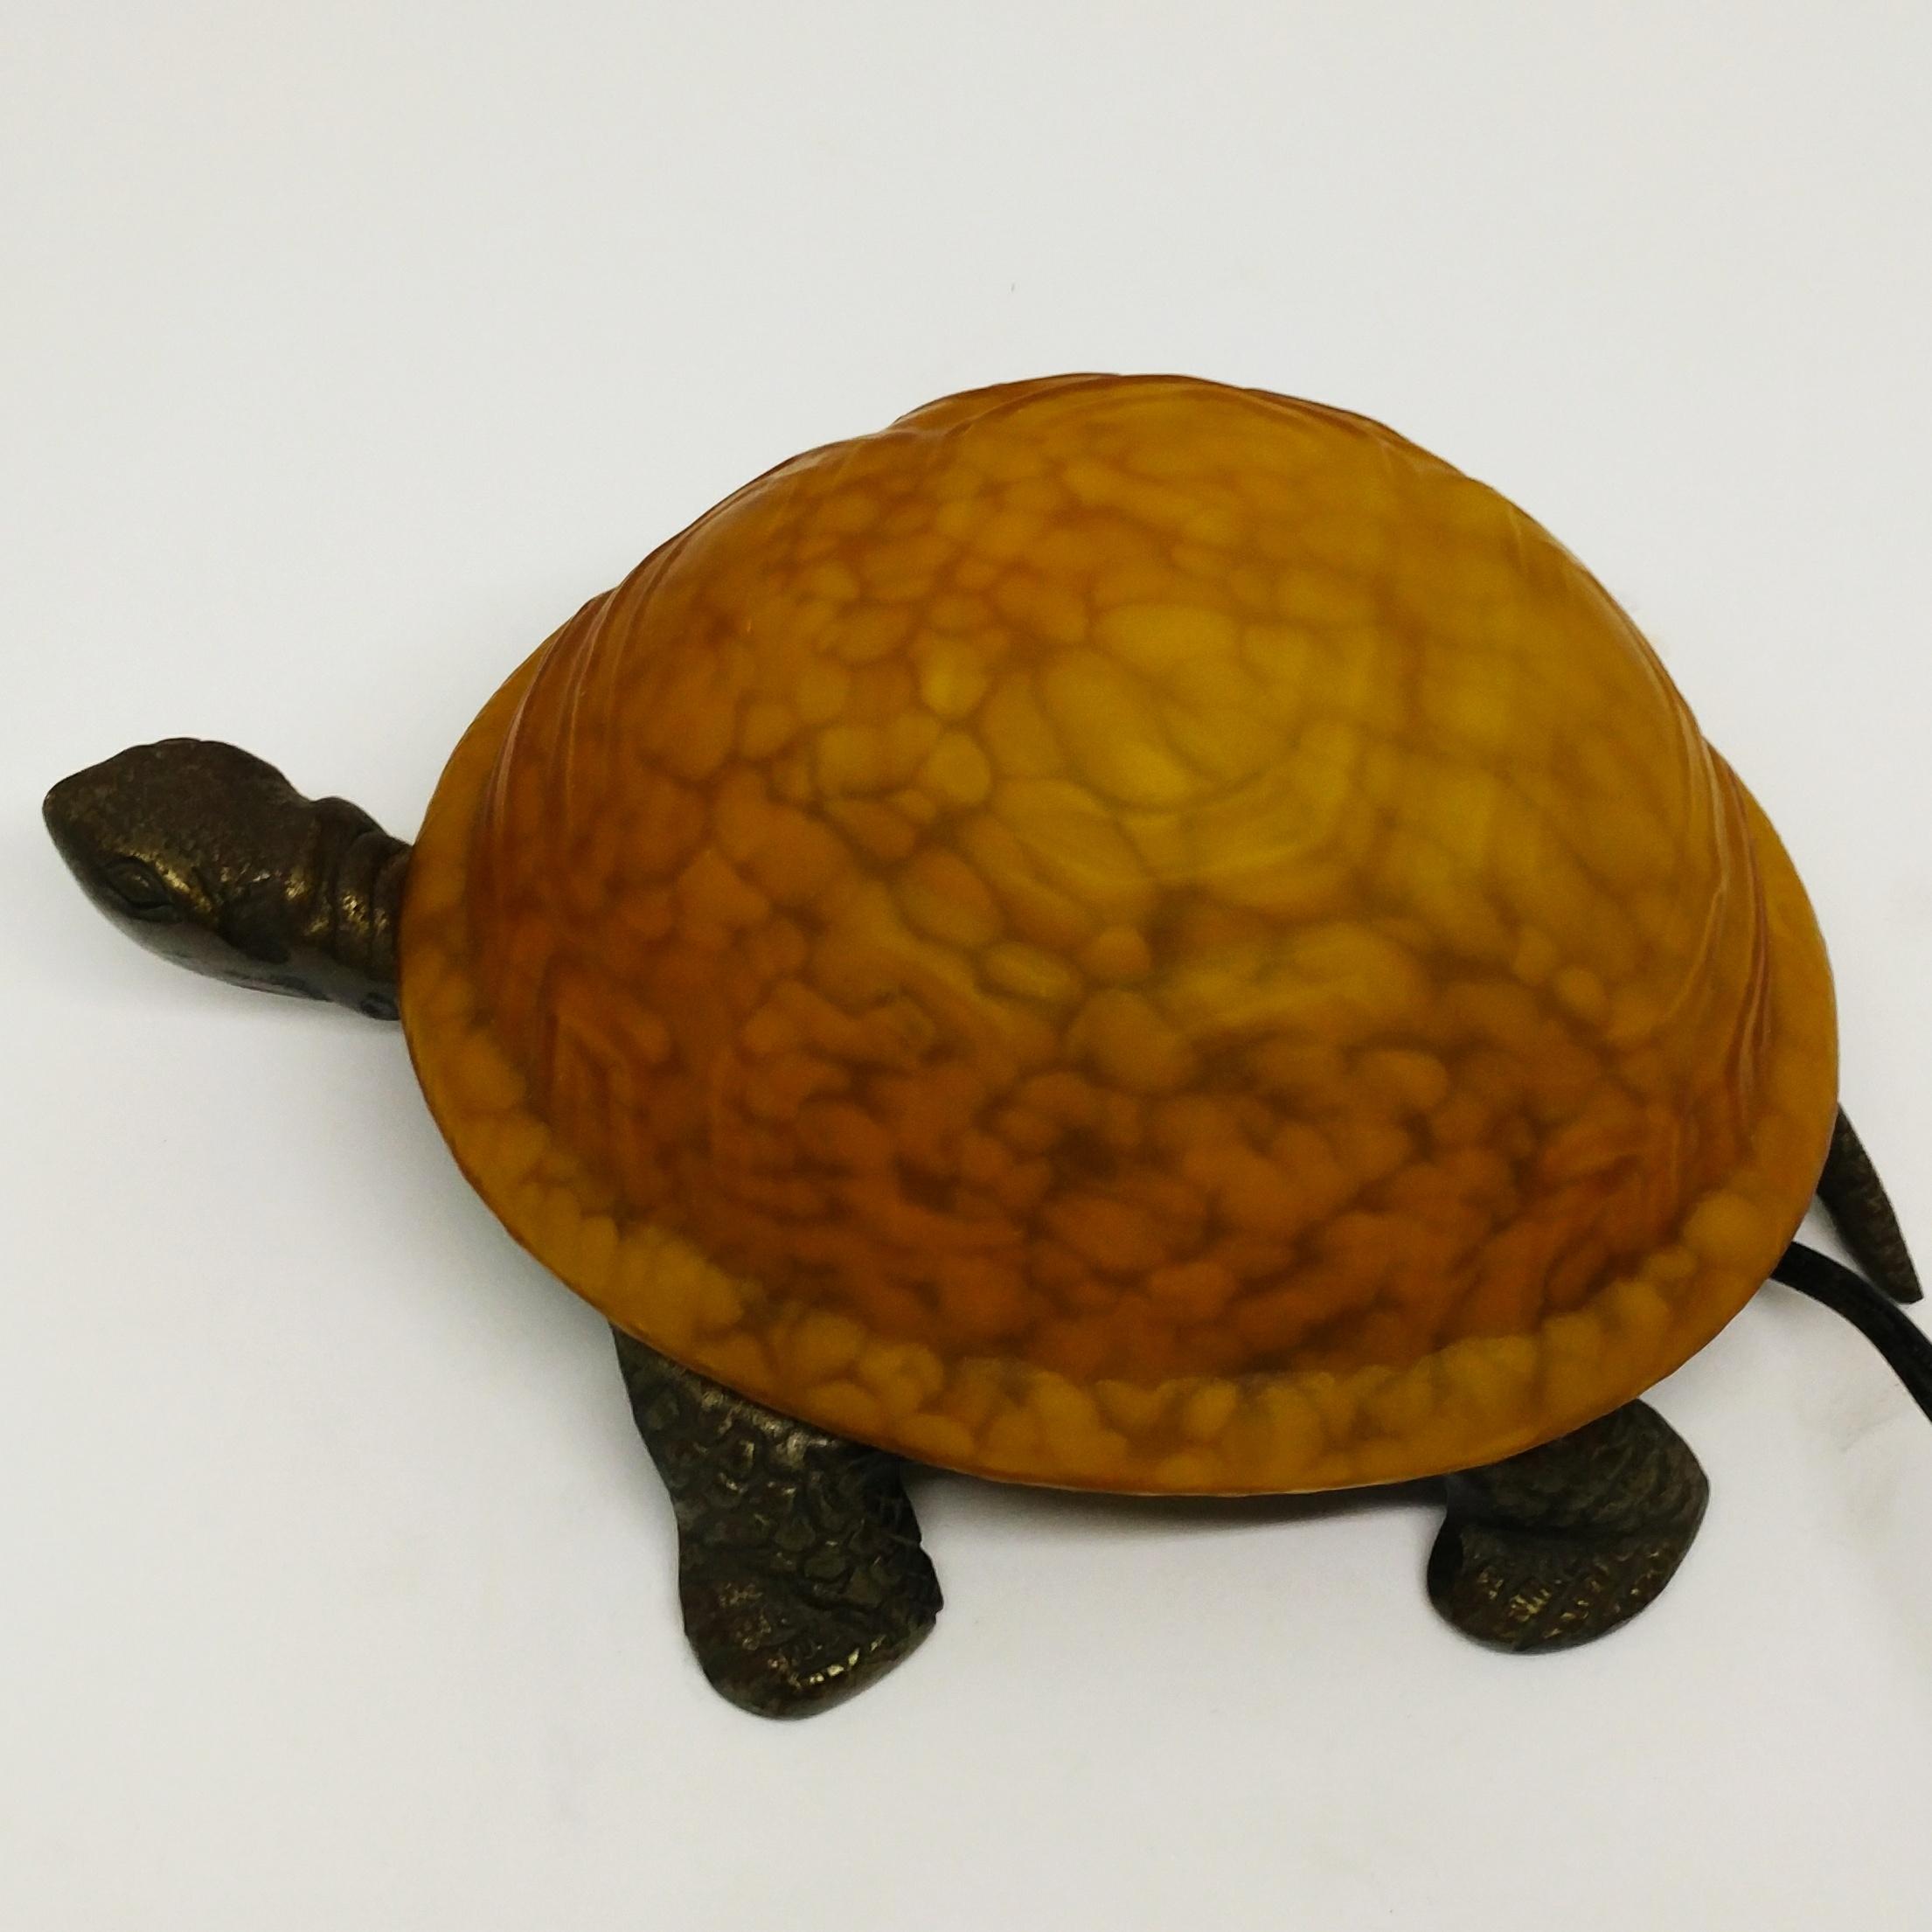 烏龜檯燈 (黃)